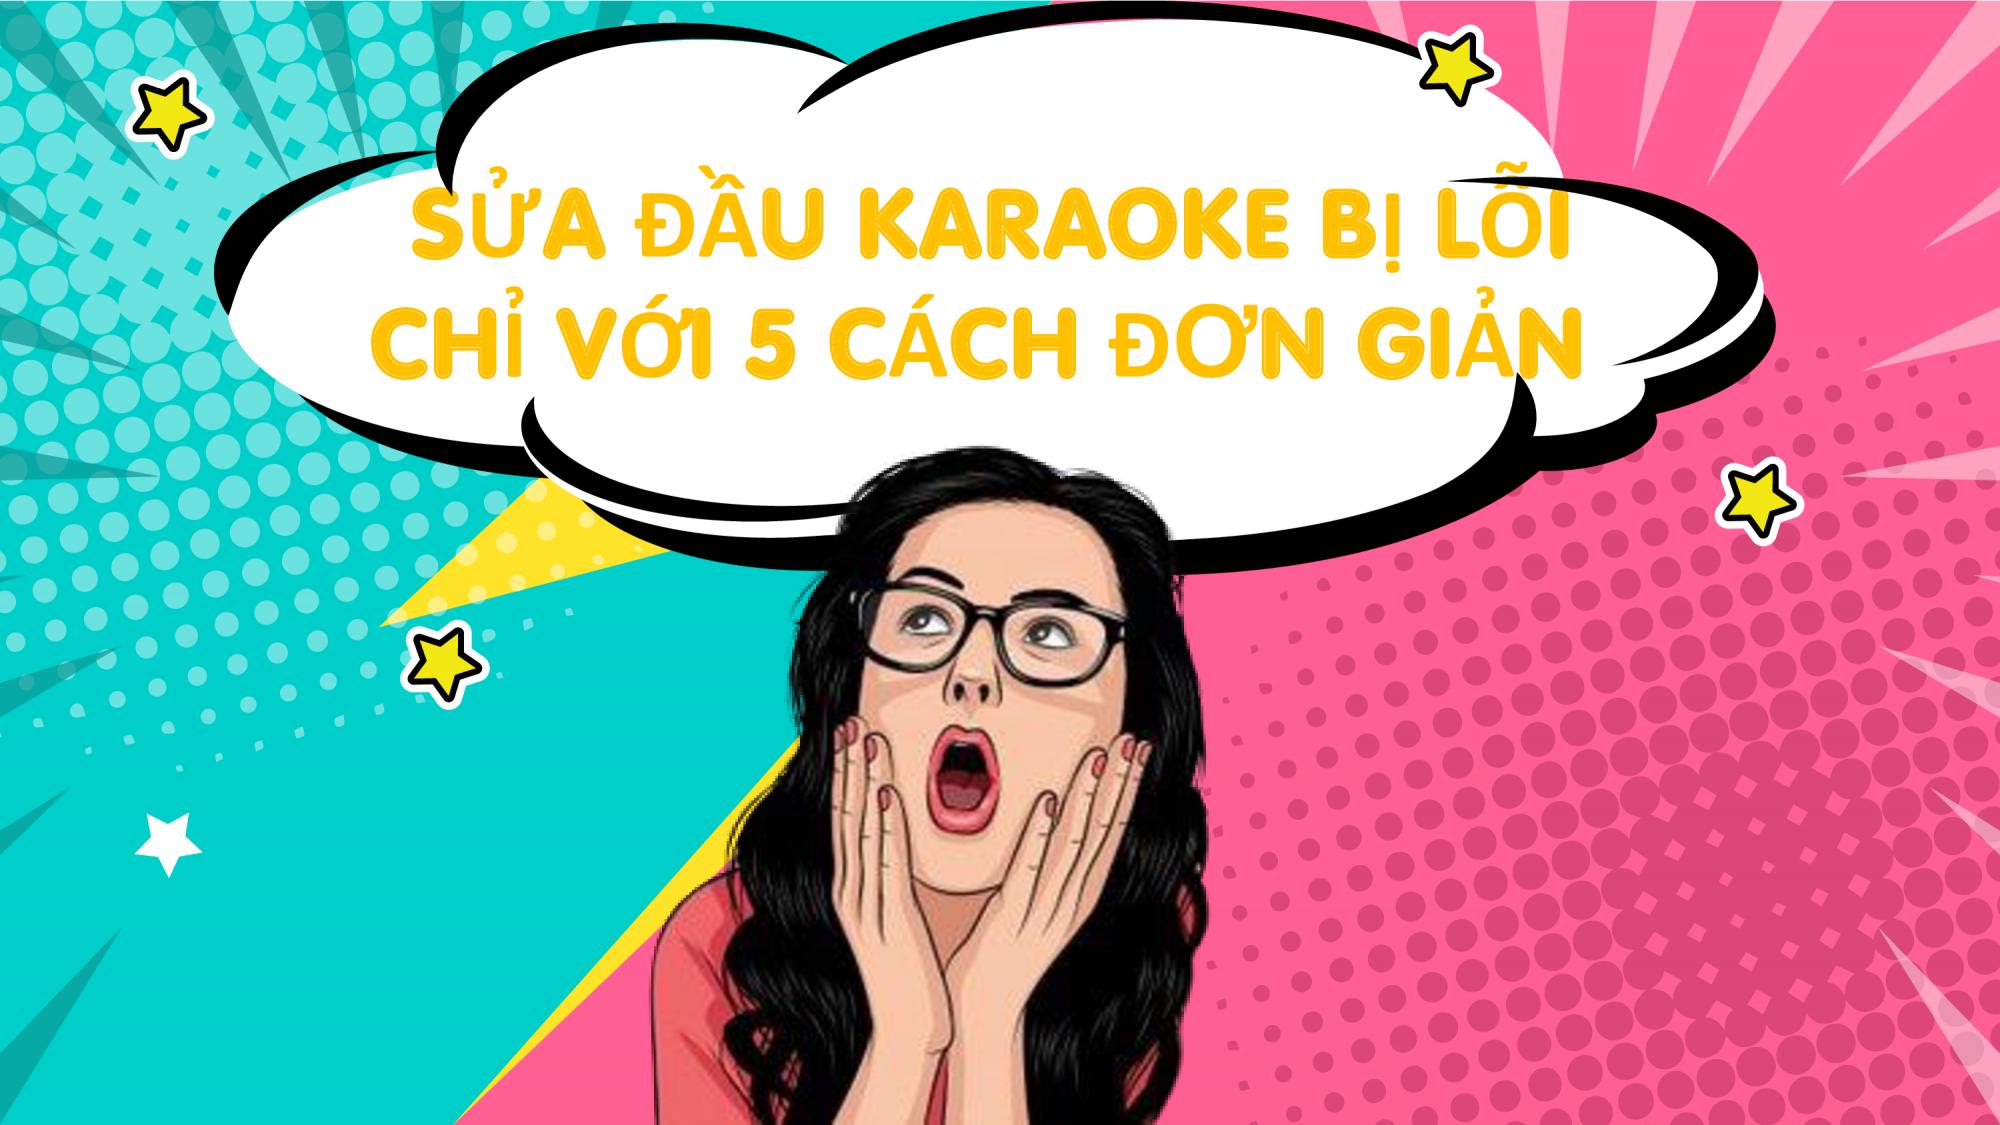 đầu-karaoke